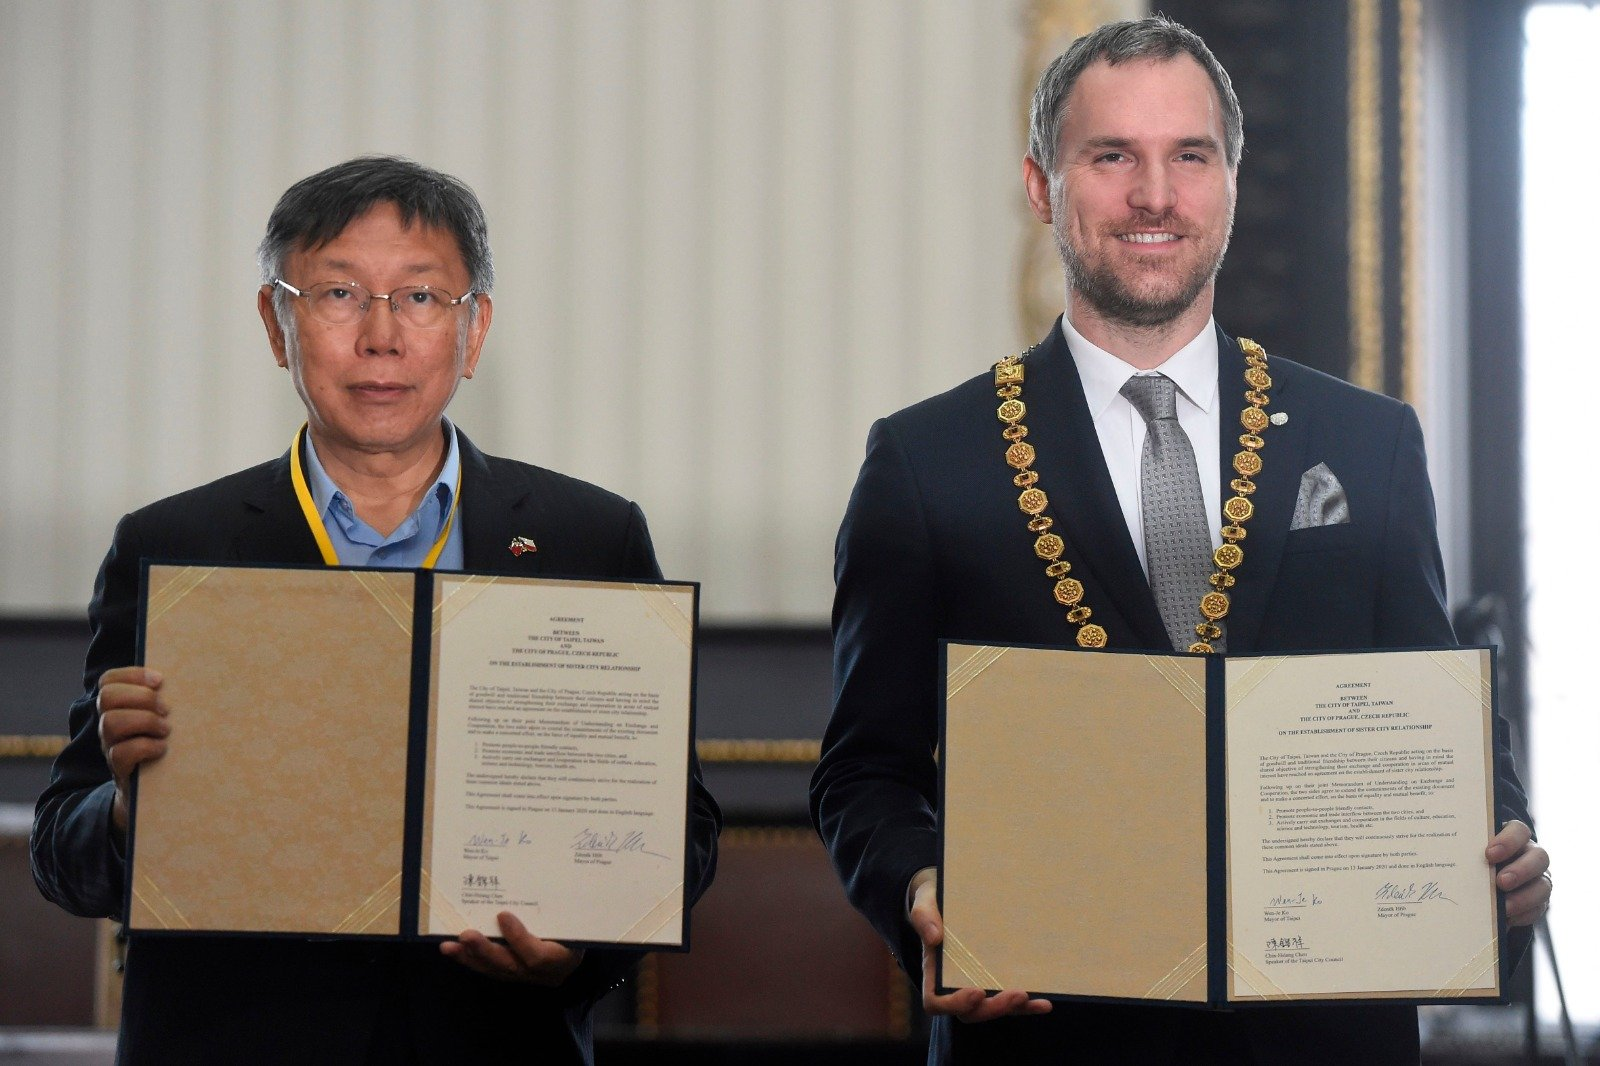 捷克首都布拉格市長賀瑞卜在1月13日與來訪的台北市長柯文哲簽署姐妹城市協議。(MICHAL CIZEK/AFP via Getty Images)